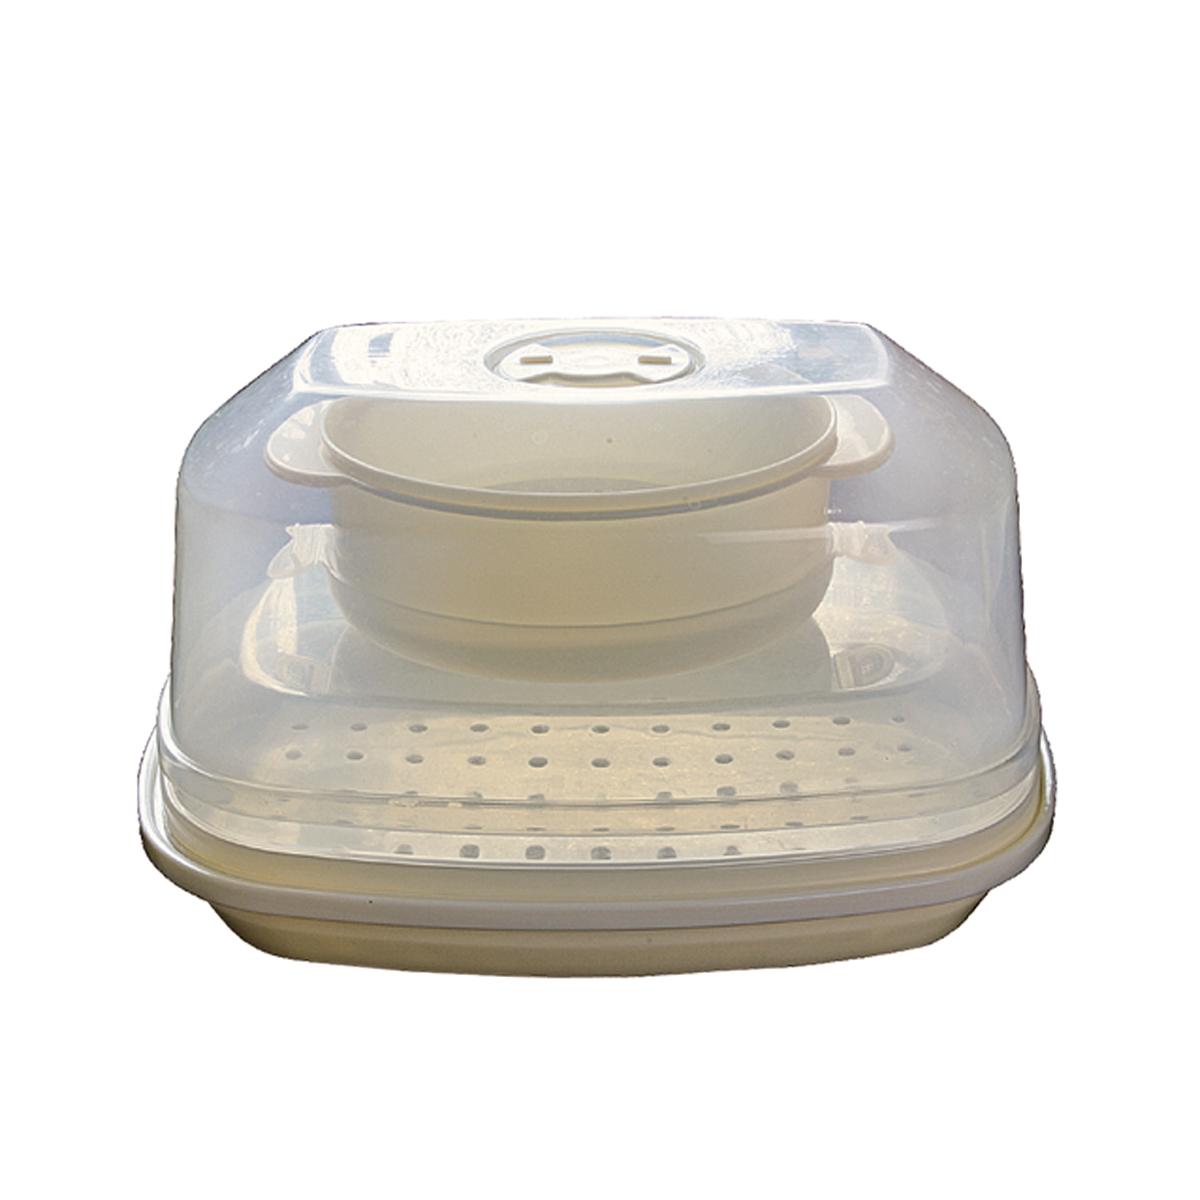 Набор пароварок для СВЧ Dekok, 2 шт. ST-501ST-501Набор Dekok состоит из двух поддонов и трех крышек, предназначенных для приготовления еды в микроволновой печи. Мощность СВЧ печи позволяет существенно ускорить время приготовления продуктов по сравнению с традиционной варкой. За несколько минут вы получаете полноценную здоровую еду! Доказано, что приготовление овощей, рыбных и мясных блюд на пару прекрасно сохраняет витамин С, минеральные вещества и микроэлементы. Пароварка не высушивает продукт, а напитывает его влагой, делая его сочным и мягким. Благодаря встроенному клапану можно контролировать паровое давление. Пароварку с продуктами можно хранить в морозильной камере. Корпус пароварки легко моется в посудомоечной машине. Размер поддонов: 28 см x 19 см x 4 см; 18 см х 12,5 см х 5,5 см. Размер крышек: 18,5 см x 27 см x 11 см; 27,5 см х 18,5 см х 5 см; 19 см х 13 см х 2,5 см.